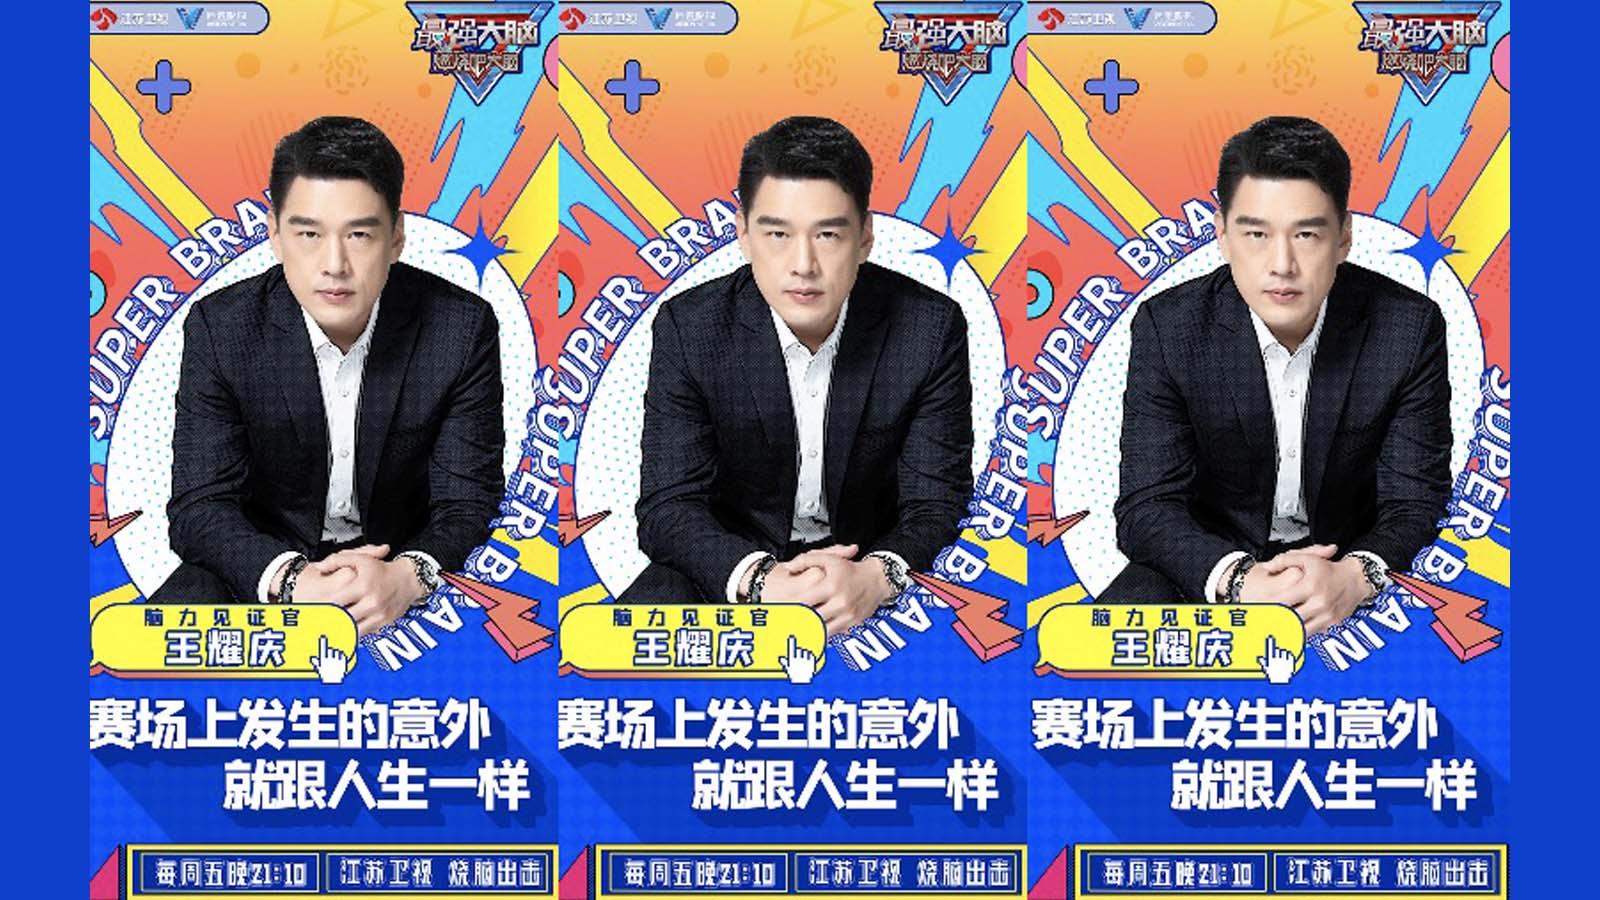 王耀庆加盟《最强大脑》收视创新高   心系公益参与发起观影《武汉日夜》活动